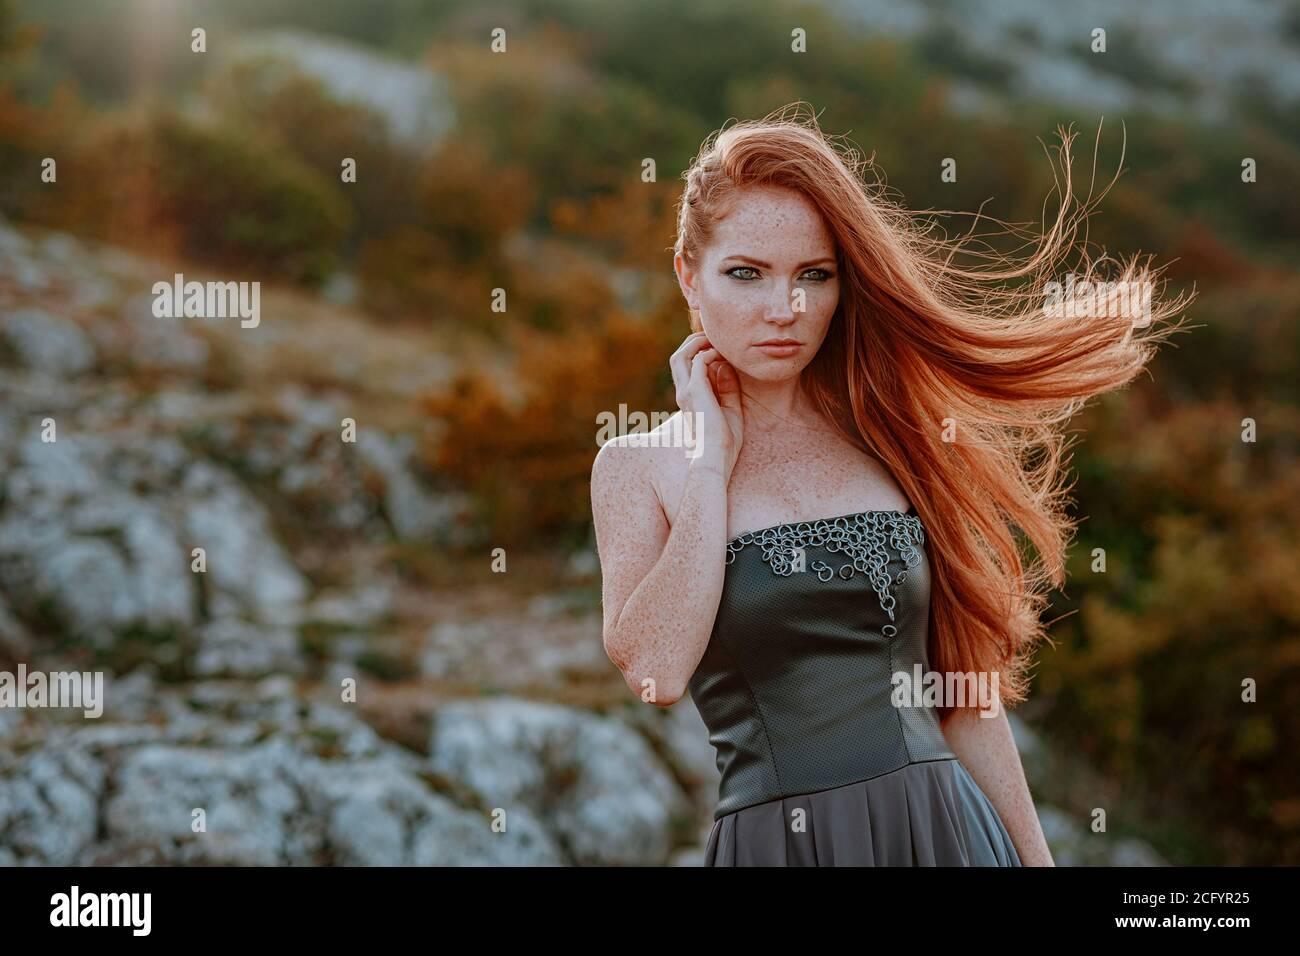 hermosa mujer de jengibre guerrero escandinavo furioso vestido gris con cadena de metal correo. La mujer es vikinga. Fantasía. Cubierta de libro Foto de stock